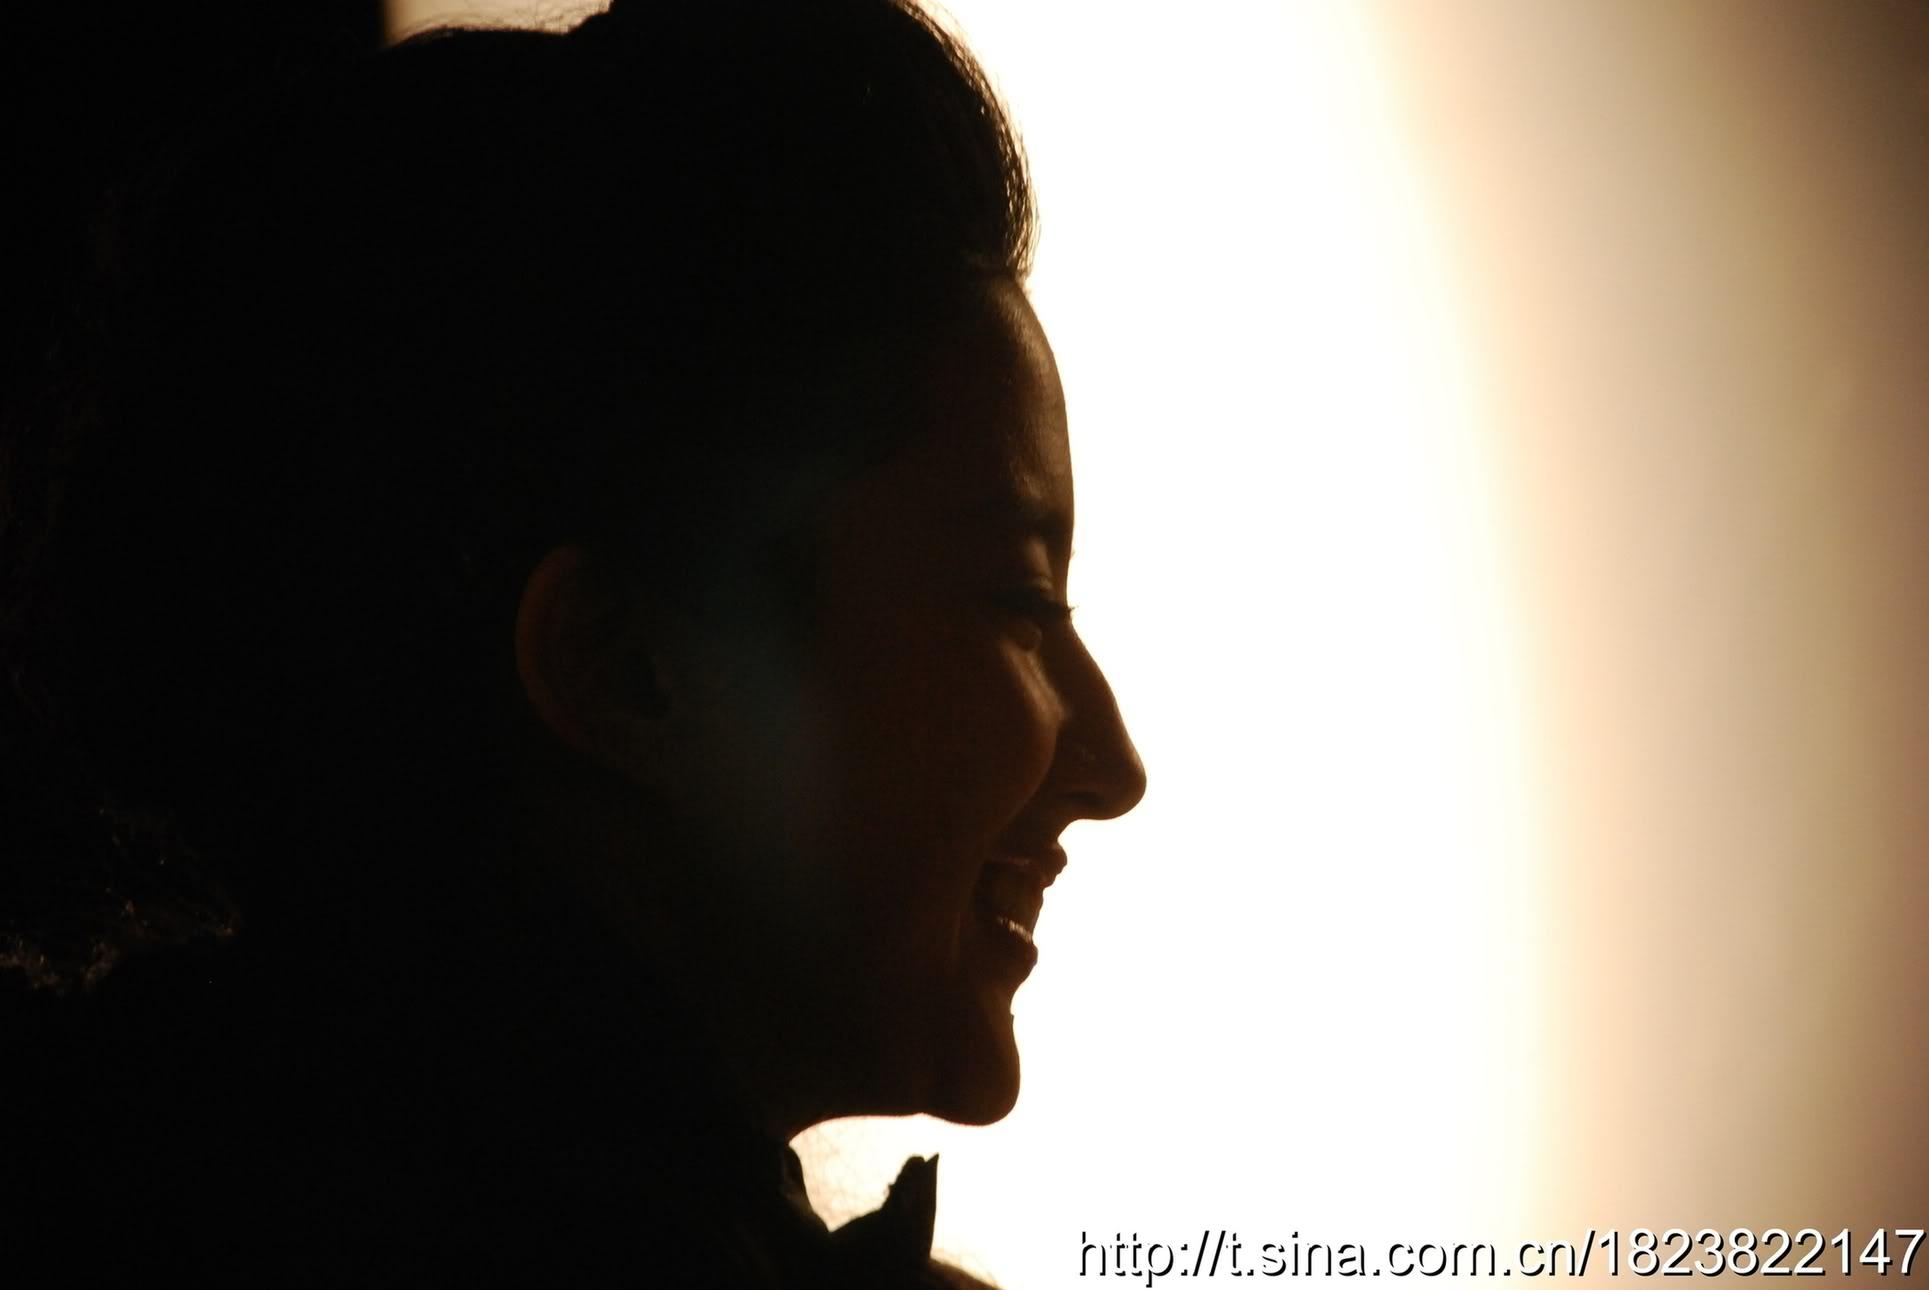 [2011] ถ่ายโฆษณาน้ำดื่ม Aersan_阿尔山 6cb55143t9127d7342cc66903